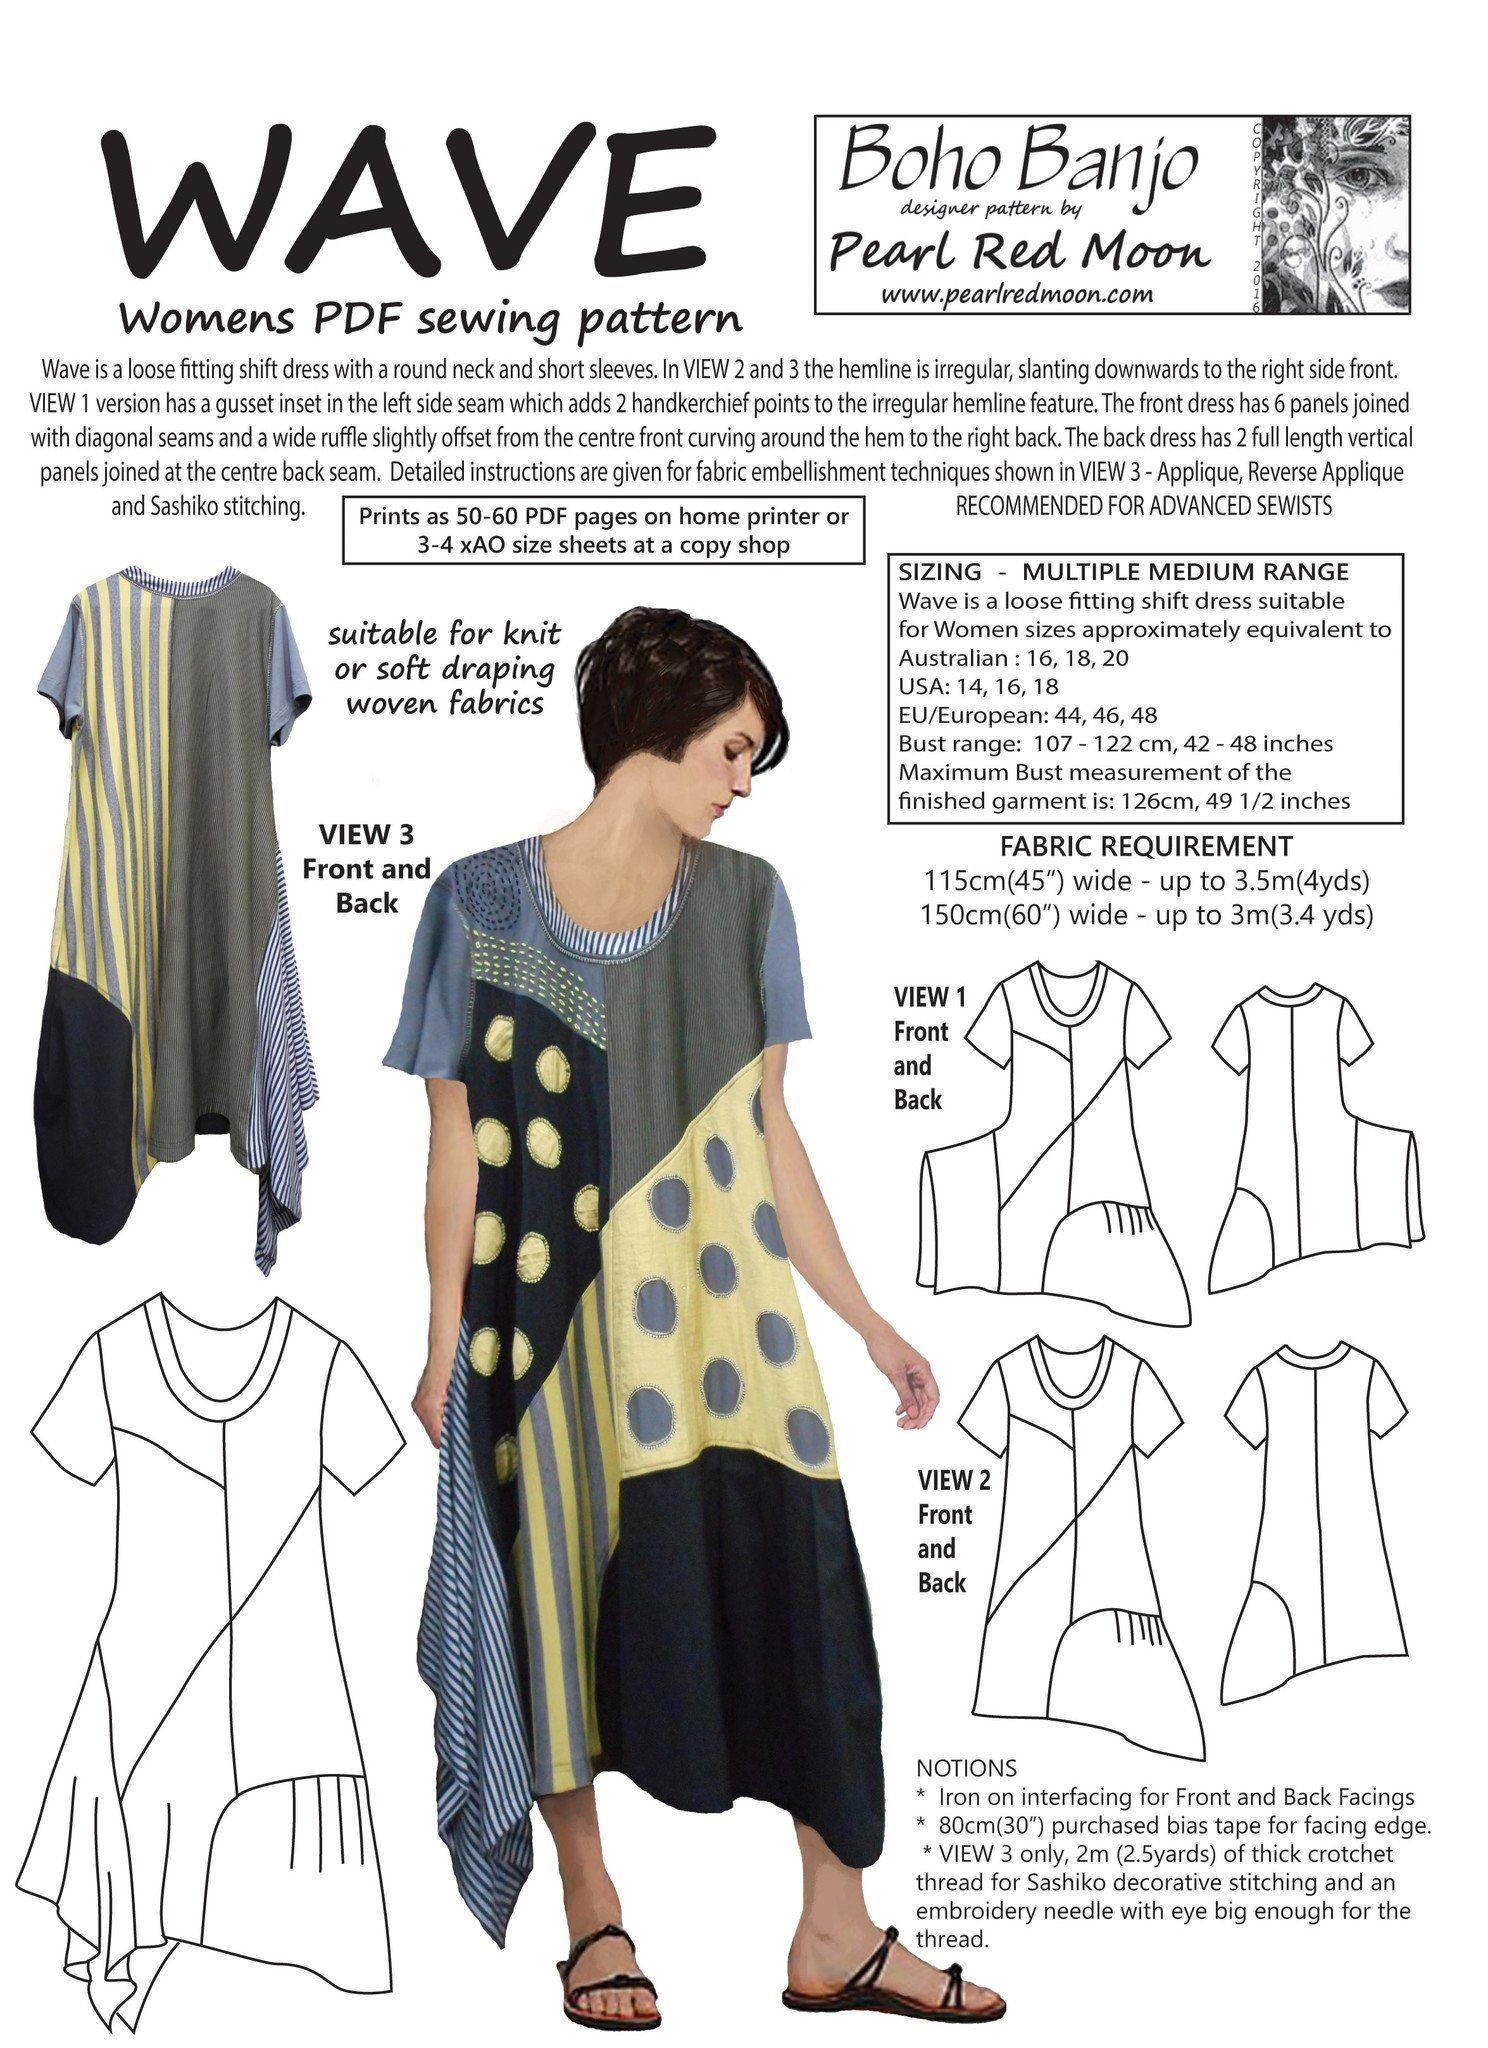 WAVE, womens PDF sewing pattern